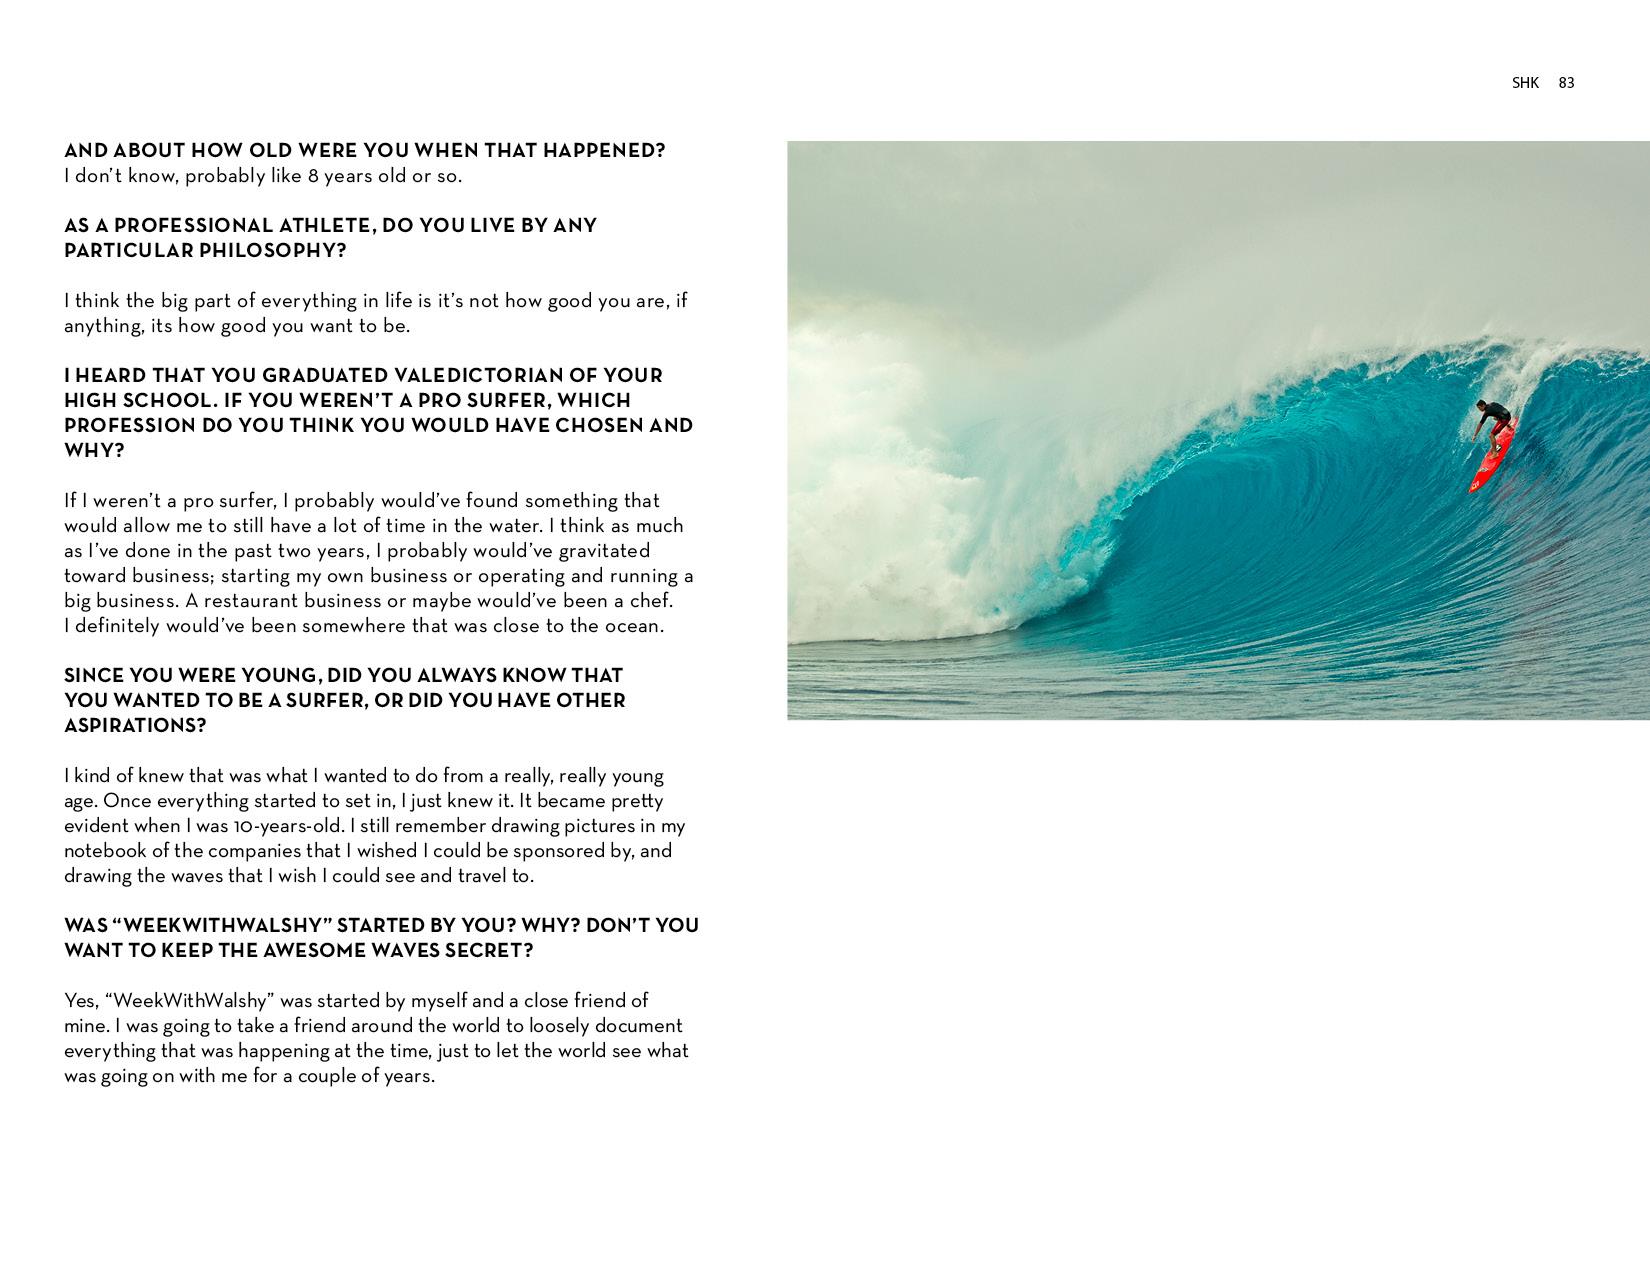 SHK-Summer-Issue-Summer-Needs-No-Explaination-201383.jpg